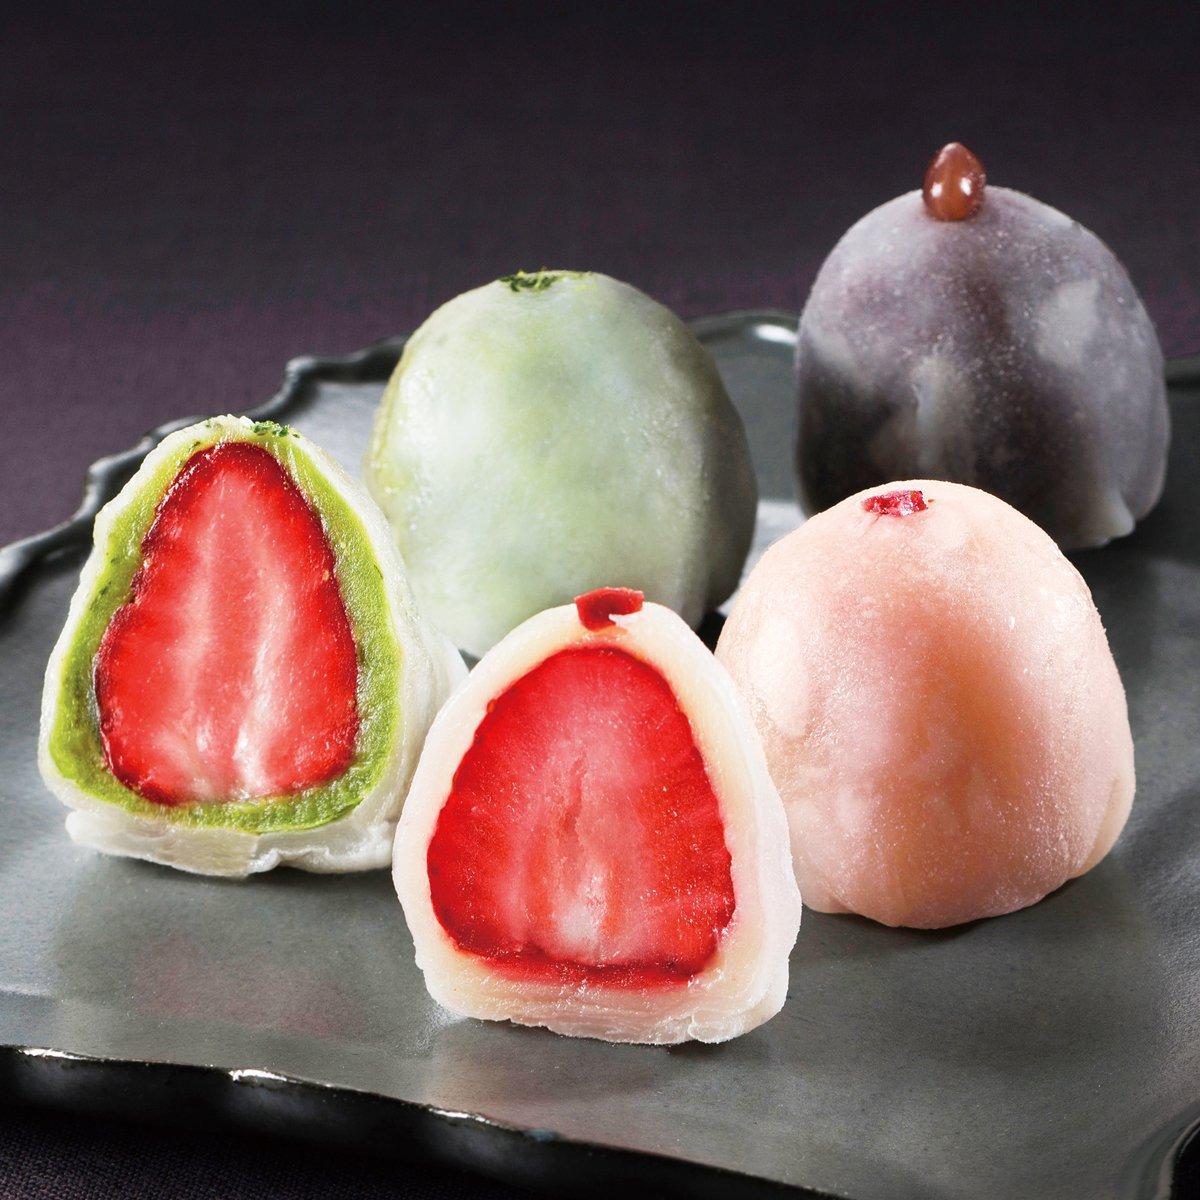 メゾン・ド・フルージュの苺大福のお取り寄せ